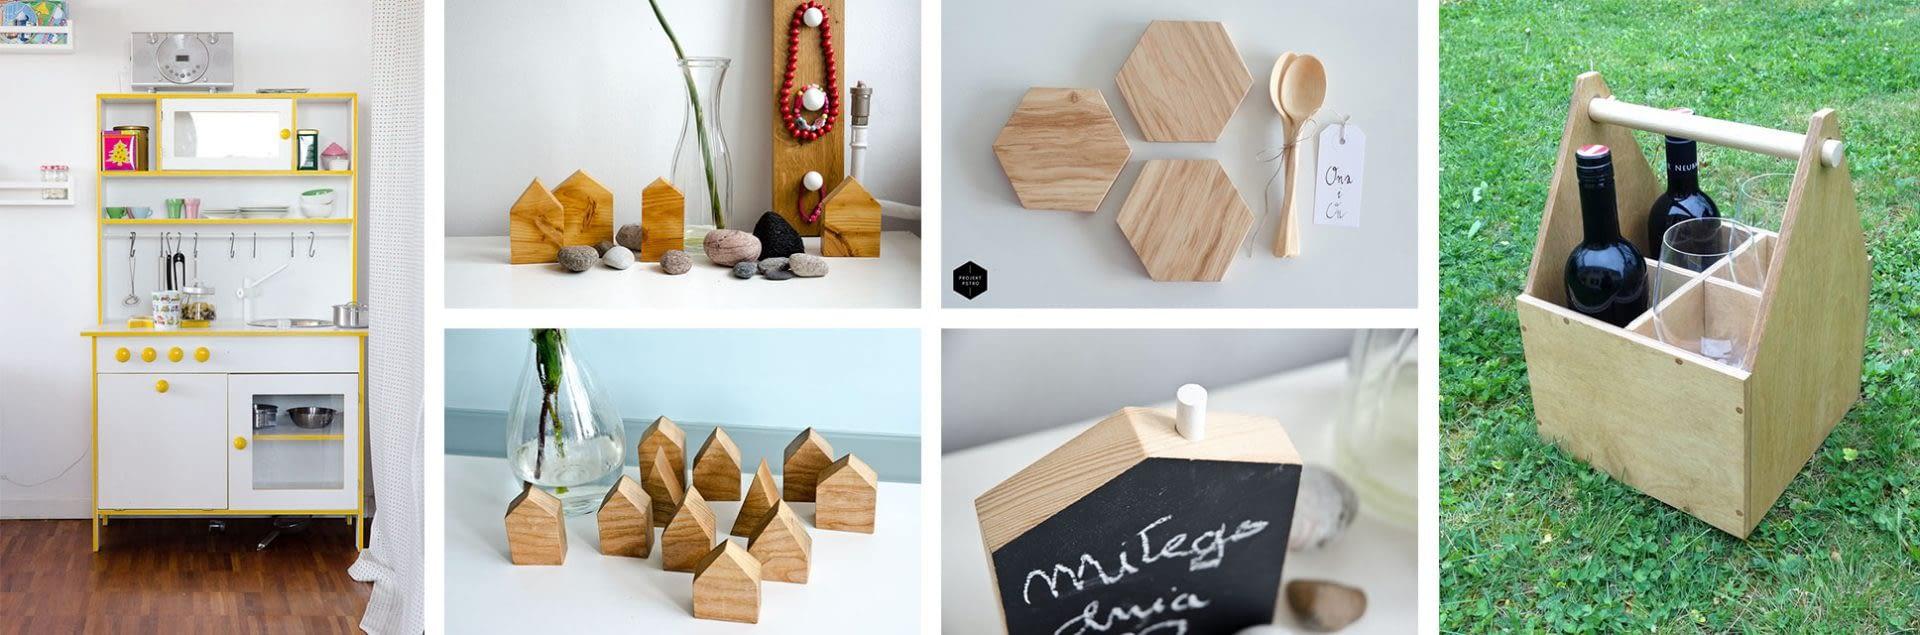 drewniane-podkladki-wieszaki